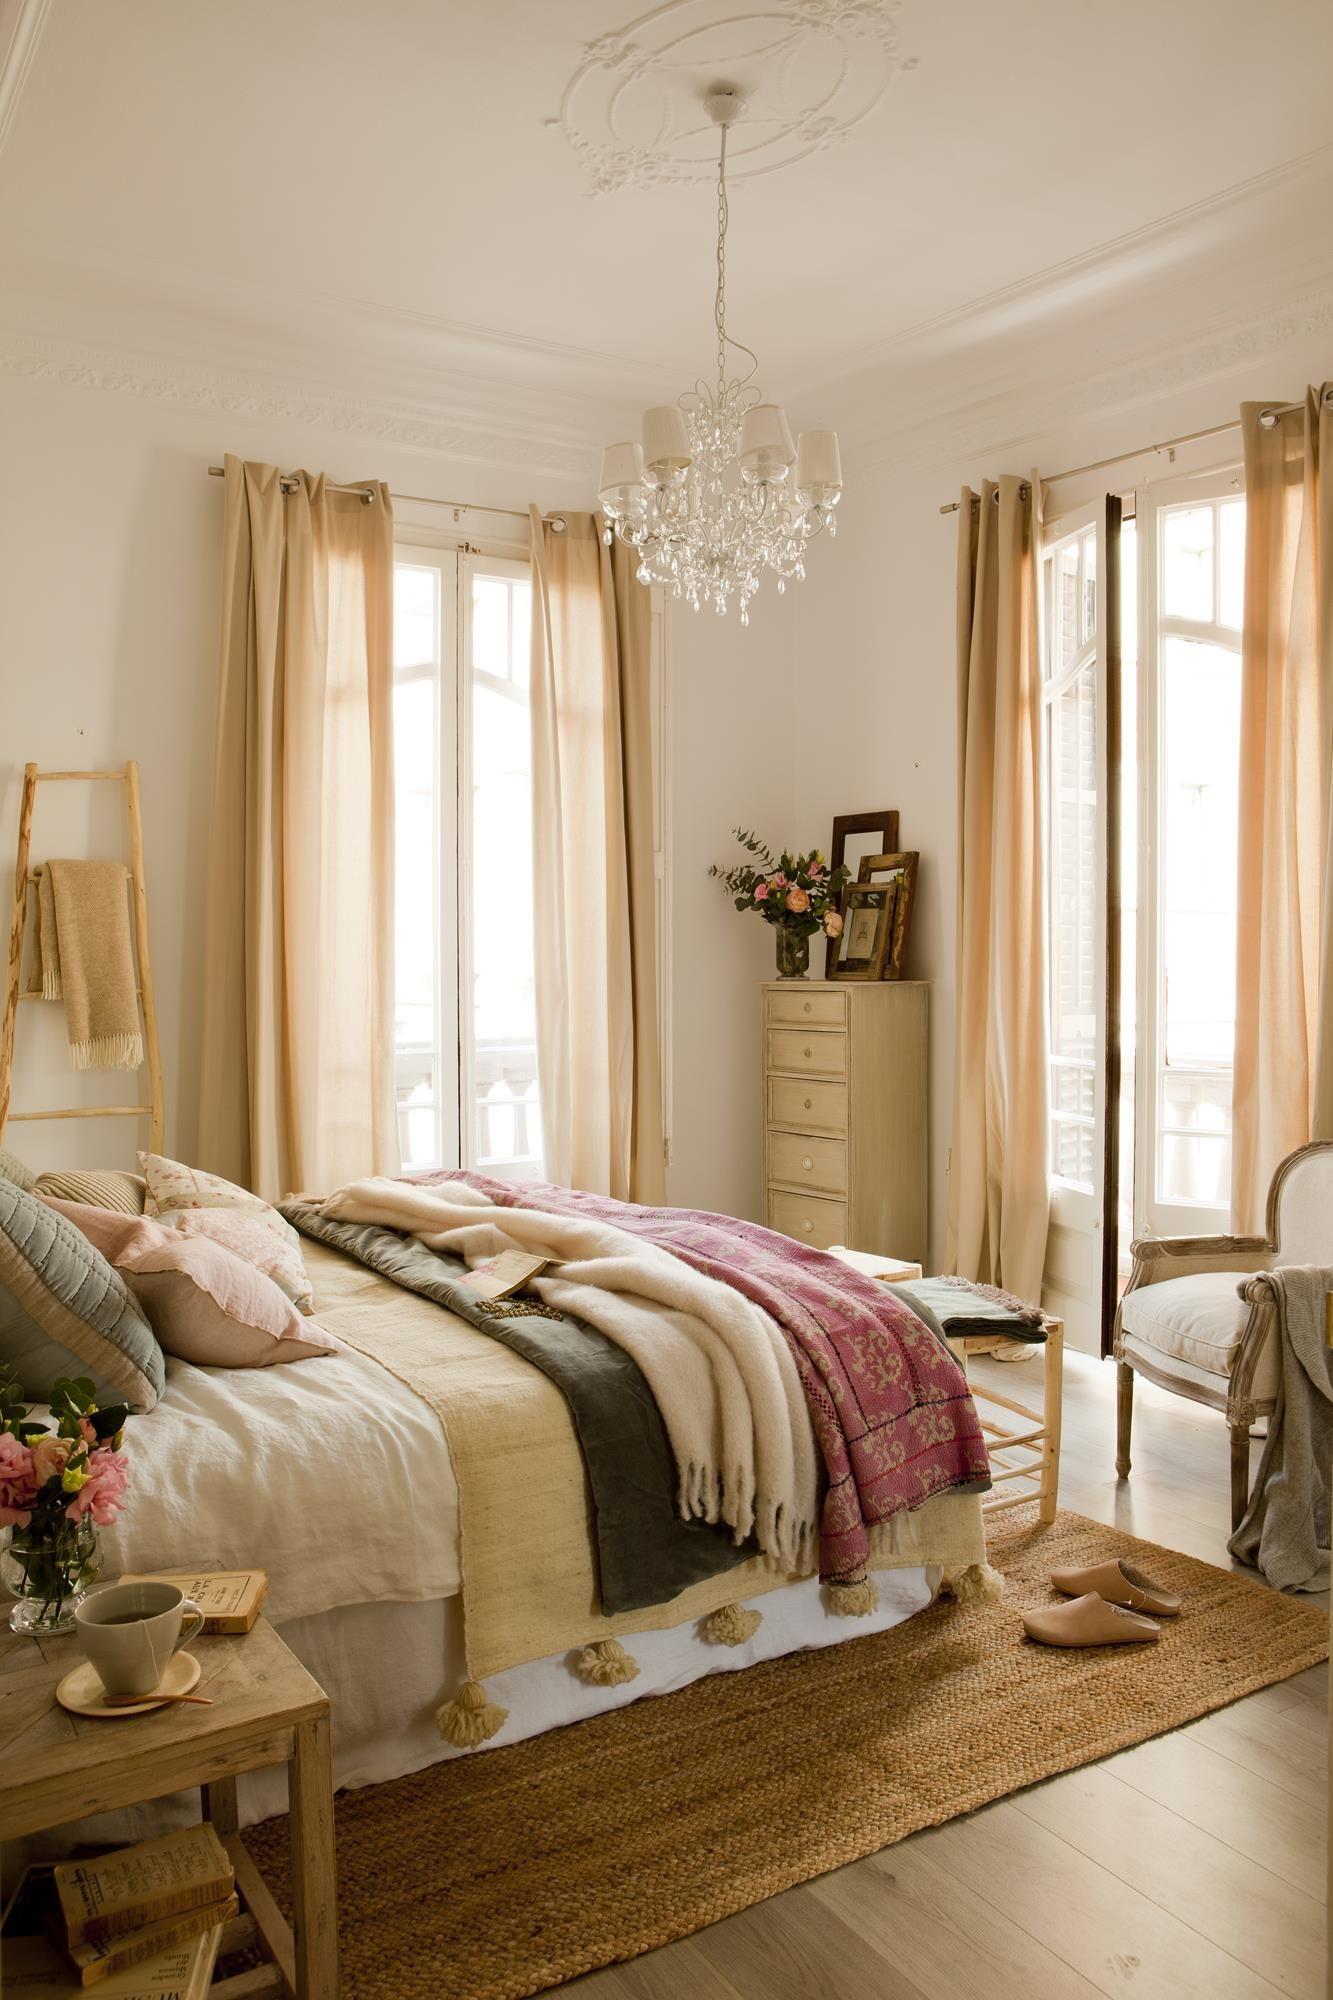 Cuida mucho los textiles dormitorios matrimonio for Como modernizar un dormitorio clasico